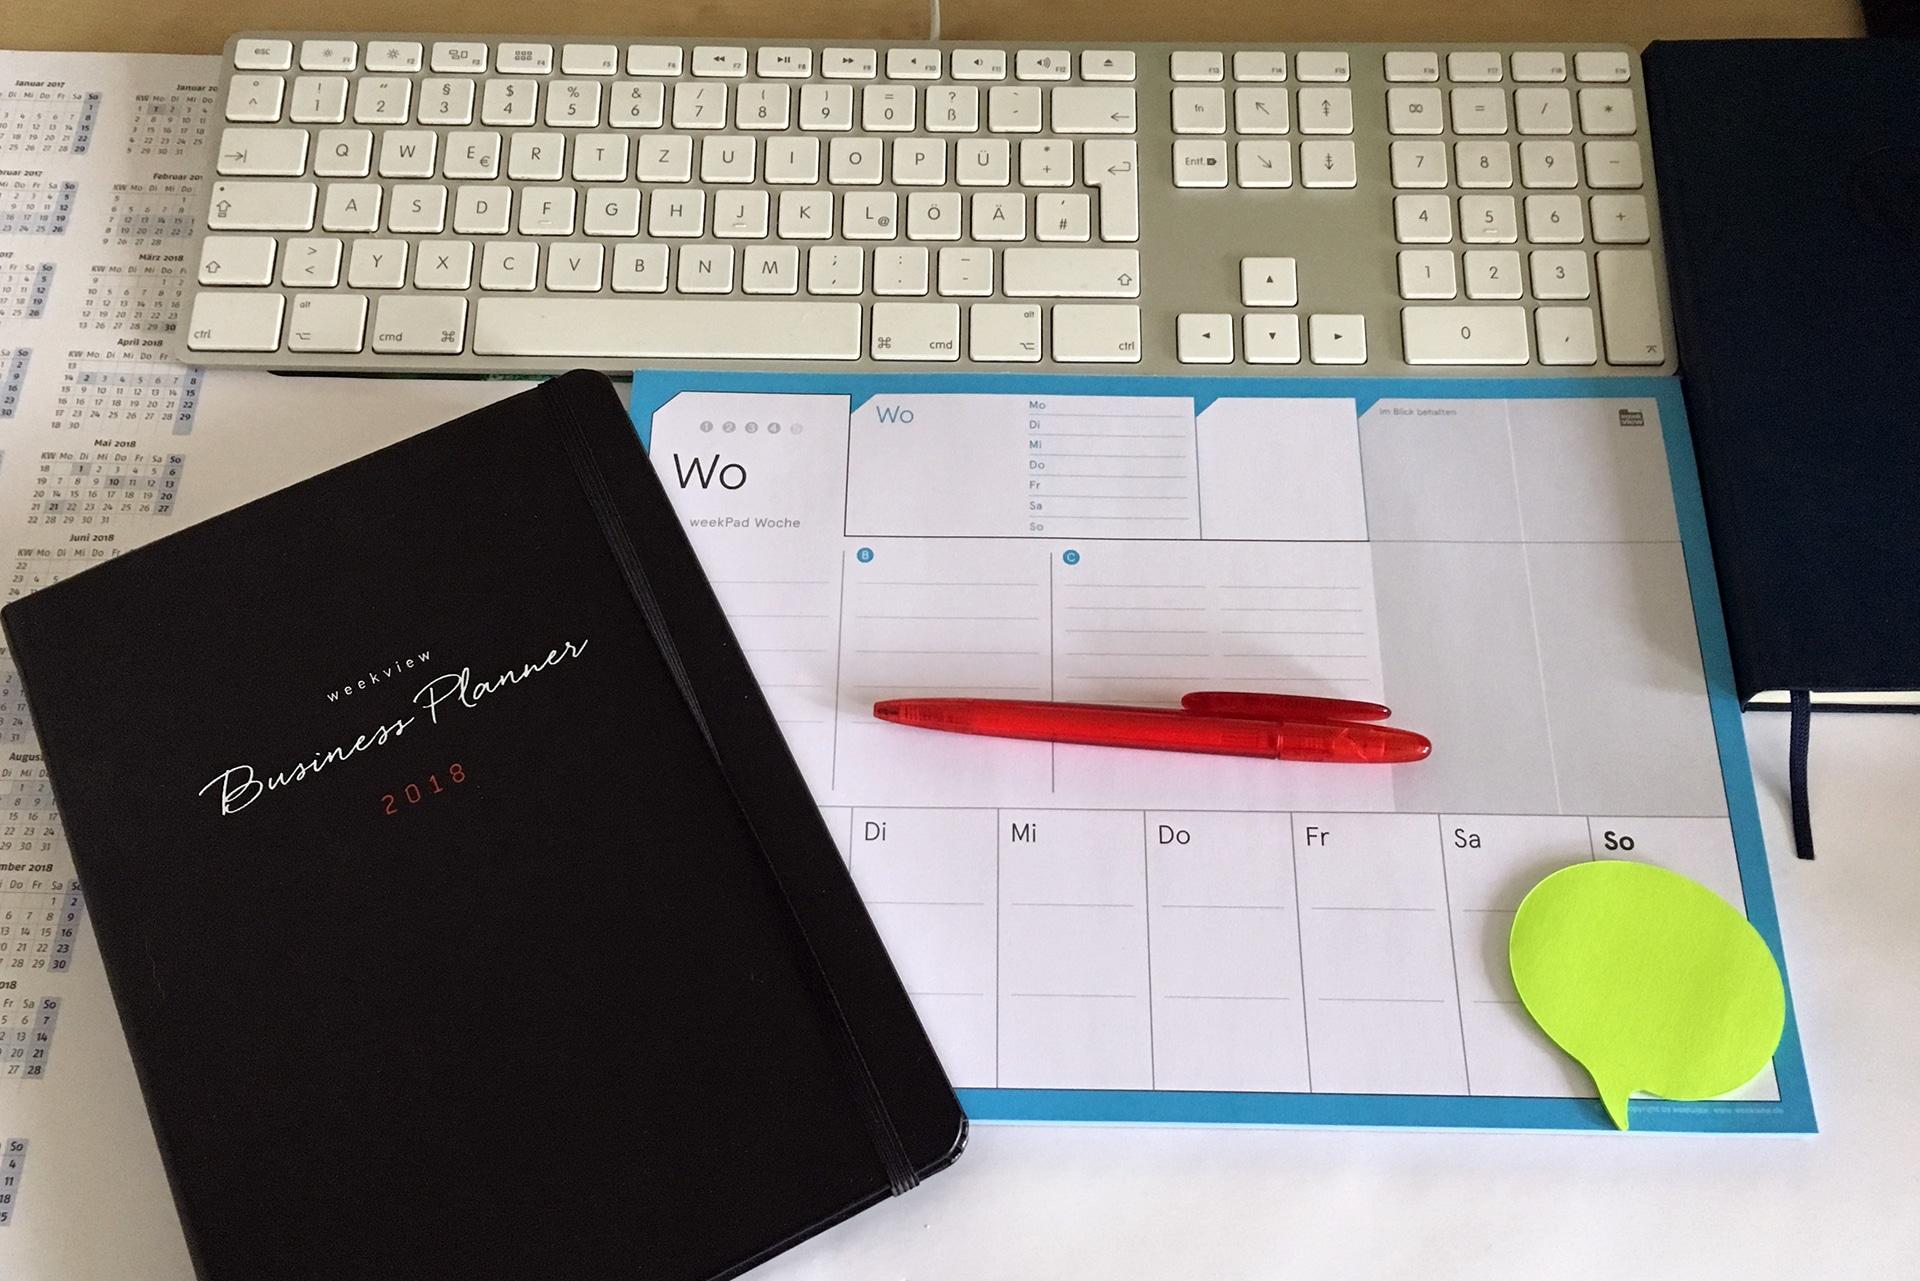 Fokus im Arbeitsalltag - Wochenplan und Kalender